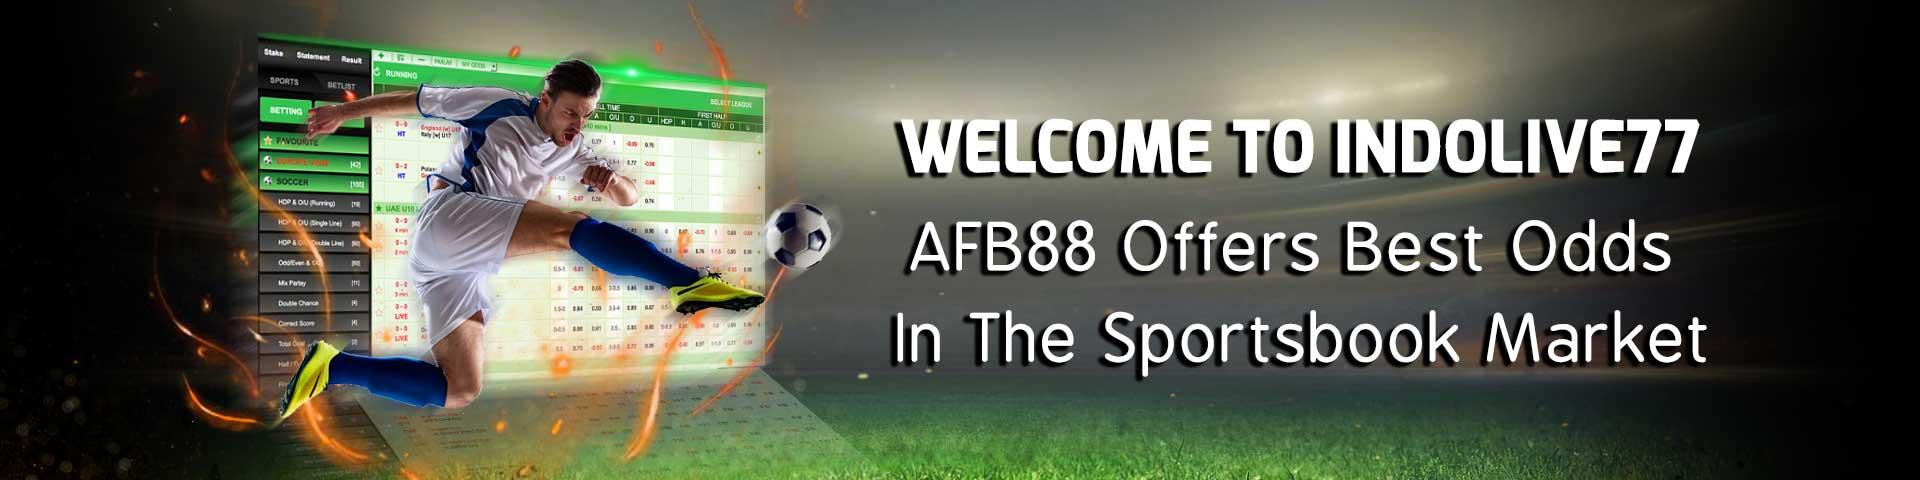 Situs Taruhan Judi Agen & Bandar Bola Online Terpercaya AFB88